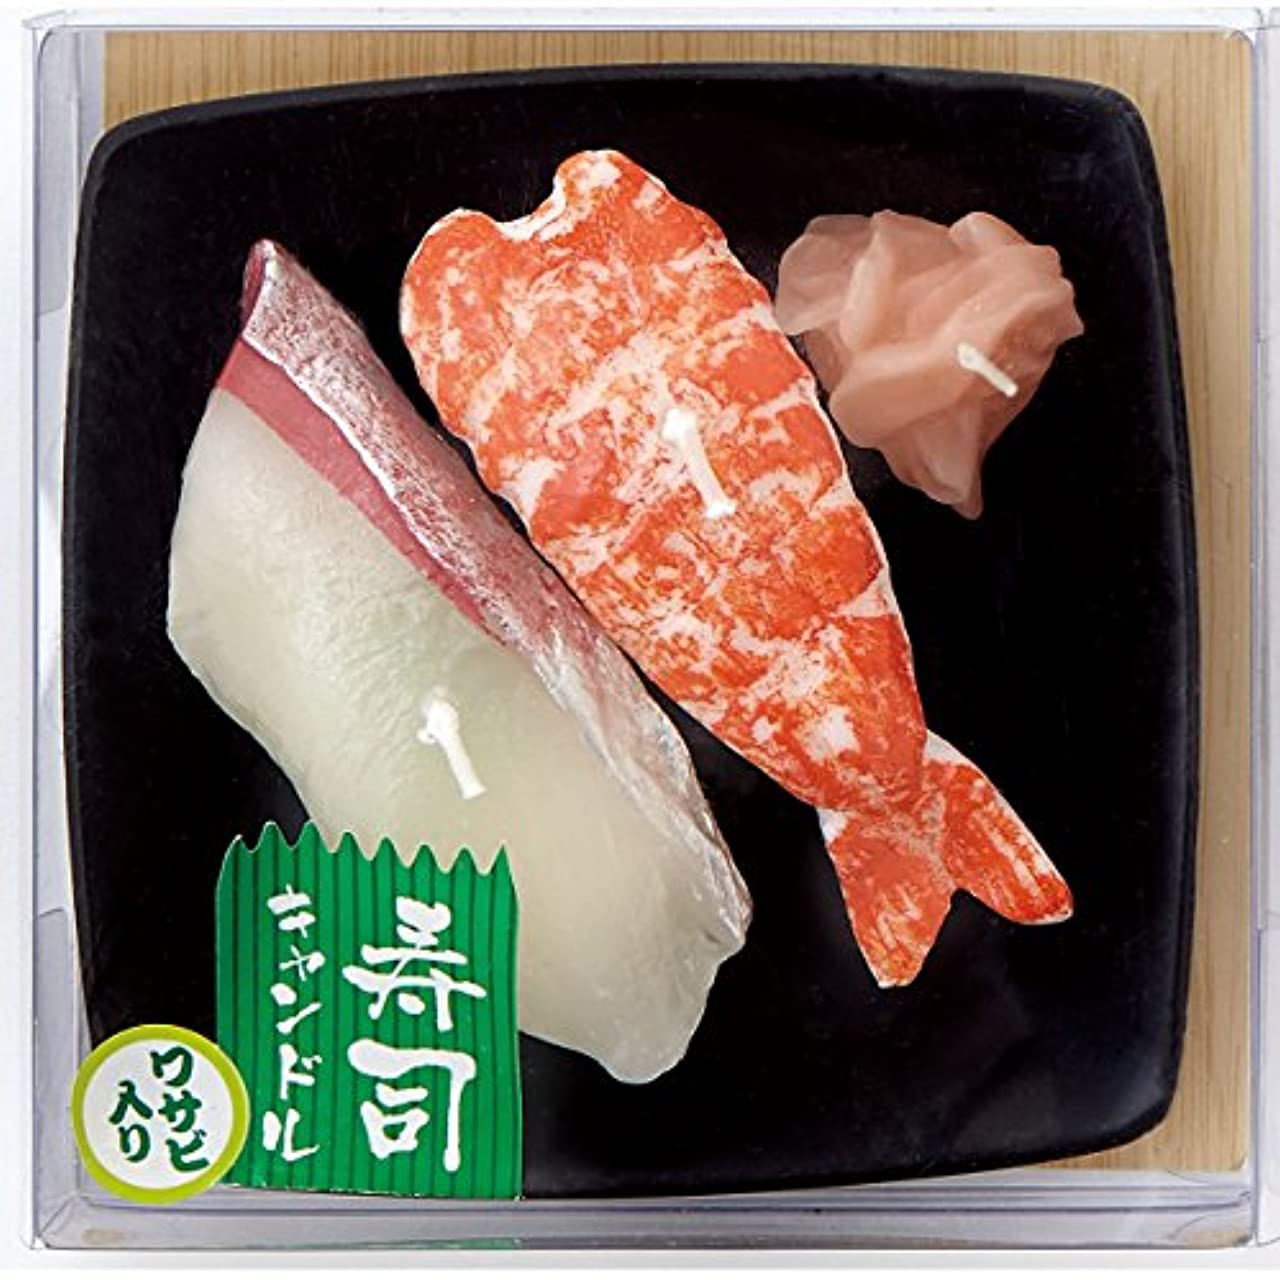 タンクエーカーロビー寿司キャンドル B(エビ?ハマチ) サビ入